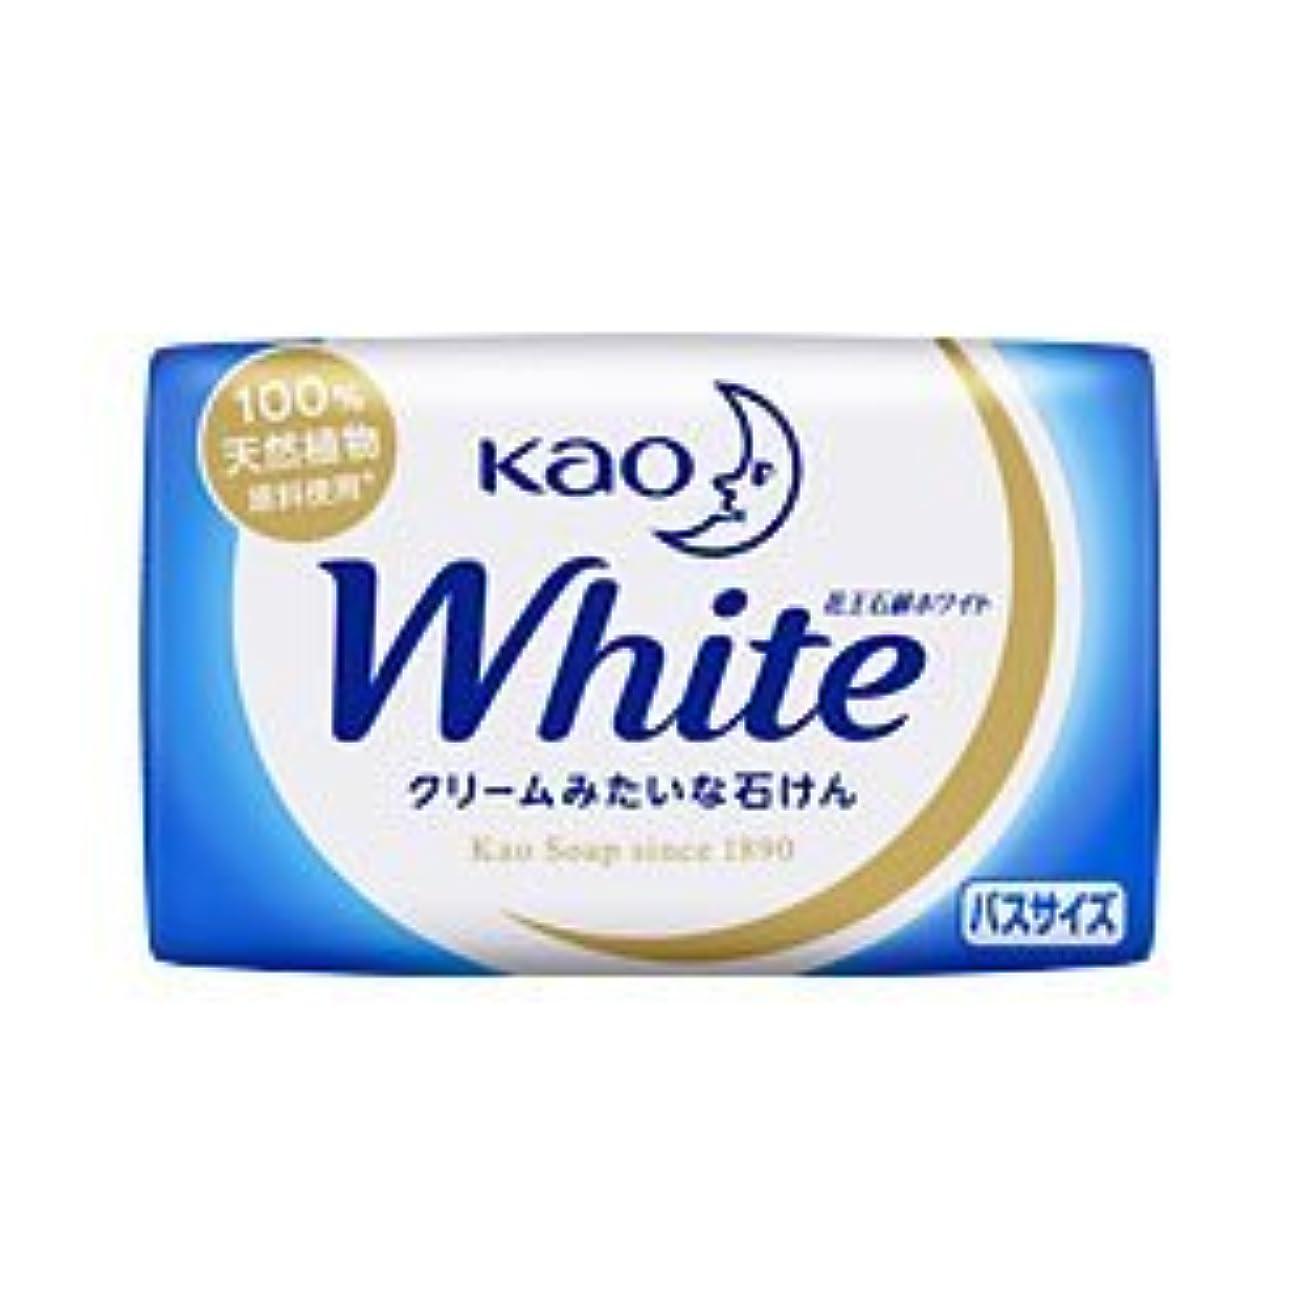 とにかく従順右【花王】花王ホワイト バスサイズ 1個 130g ×5個セット